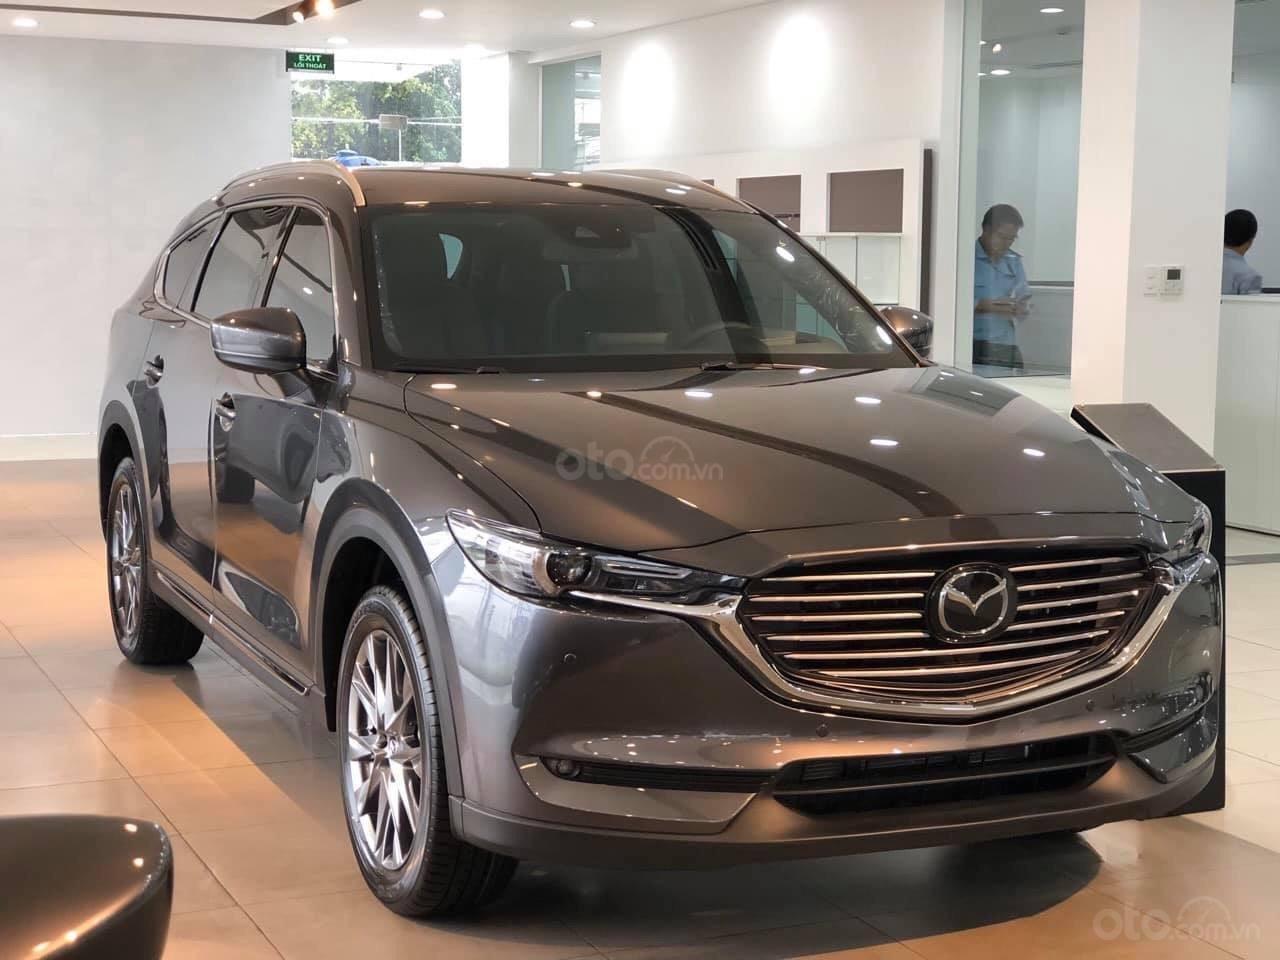 Mazda CX8 khuyến mại siêu khủng, giảm ngay 100 triệu tiền mặt, giao xe ngay (1)